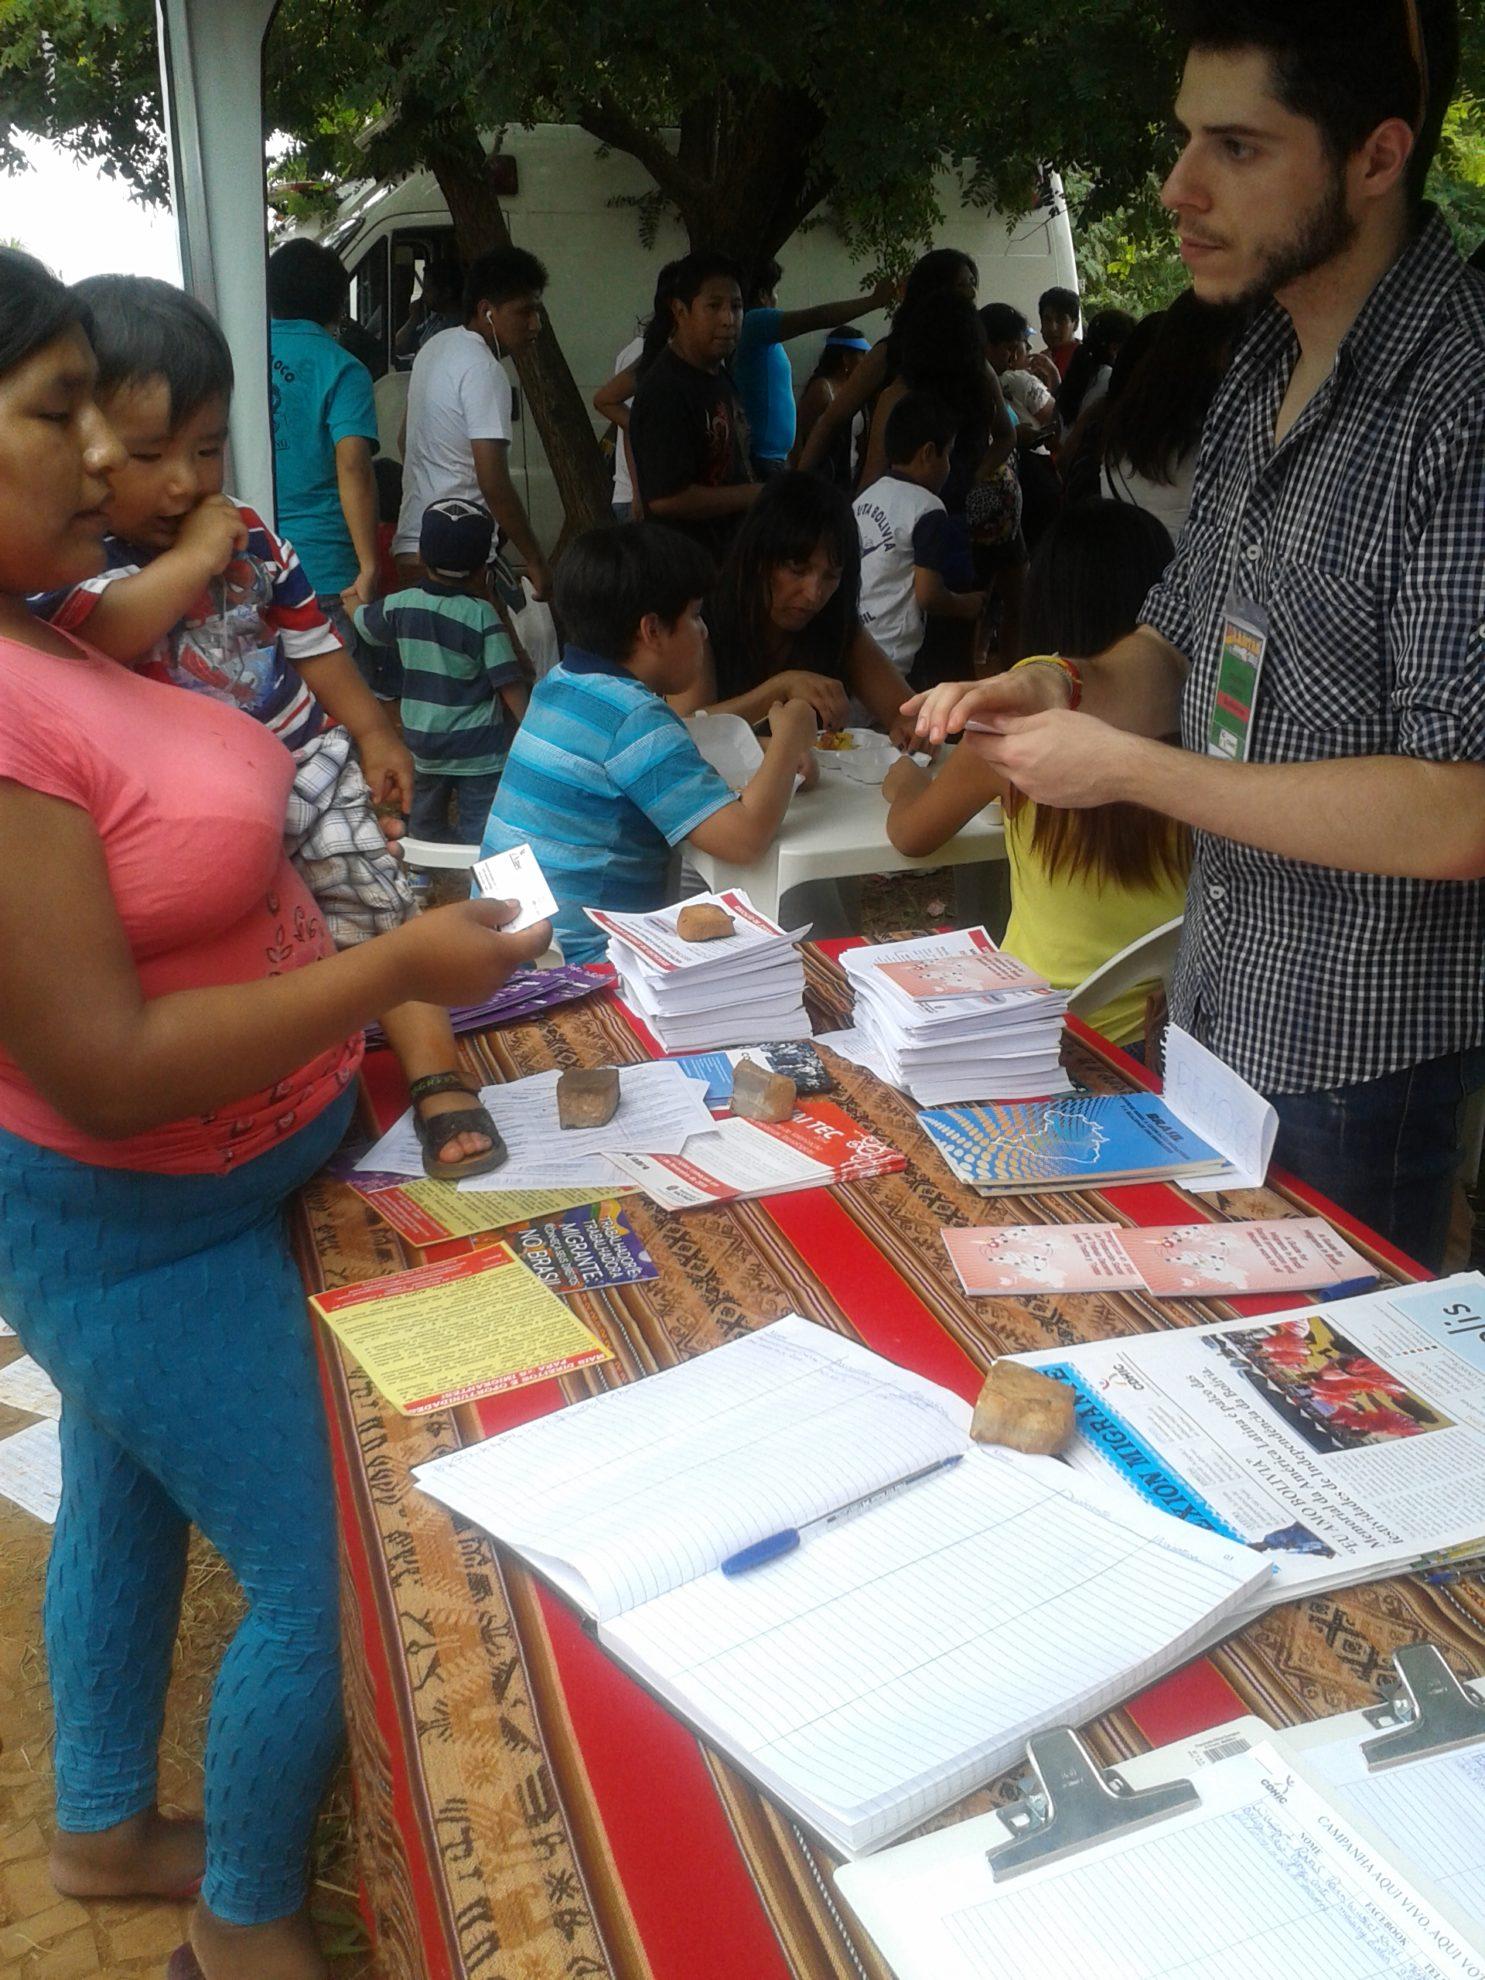 Campanha Aqui Vivo, Aqui Voto também marcou presença na Alasitas. Crédito: Rodrigo Borges Delfim